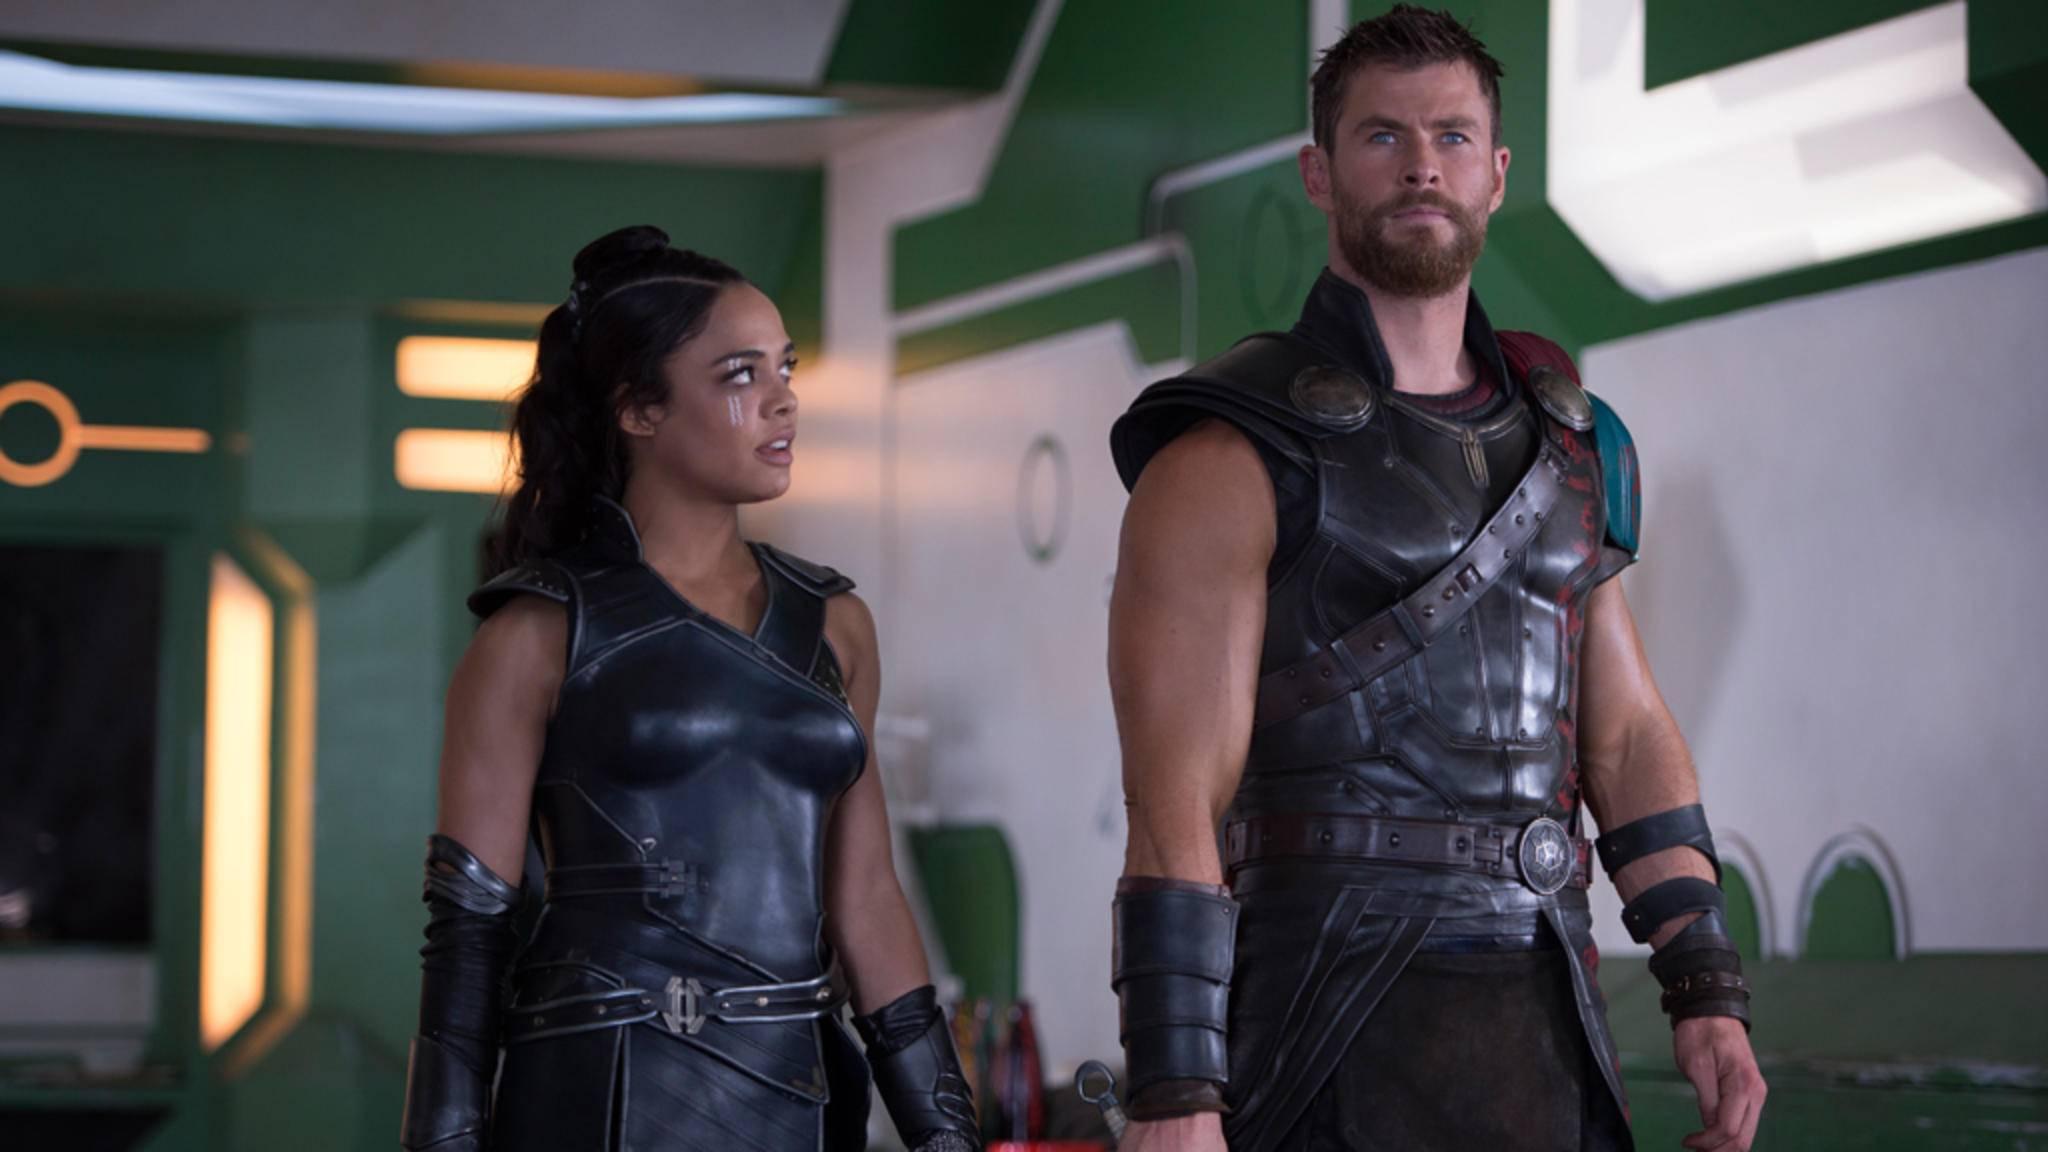 """Ernsthaft? """"Thor: Ragnarok"""" ist doch ein ziemlich offensichtlicher Spoiler-Titel ..."""